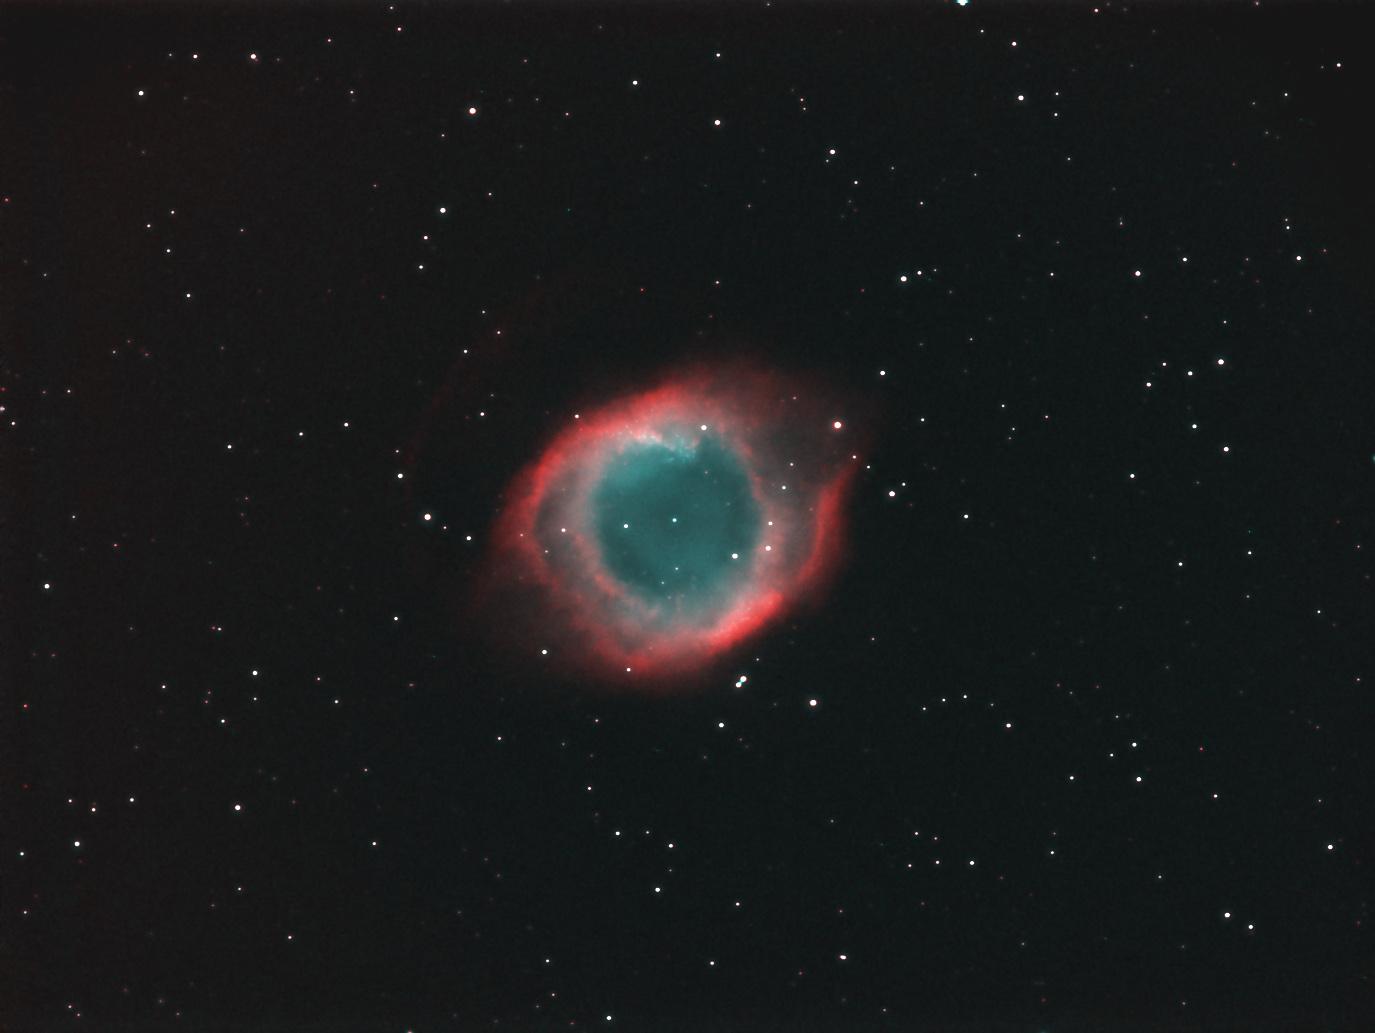 ngc 7293 the helix nebula - photo #7